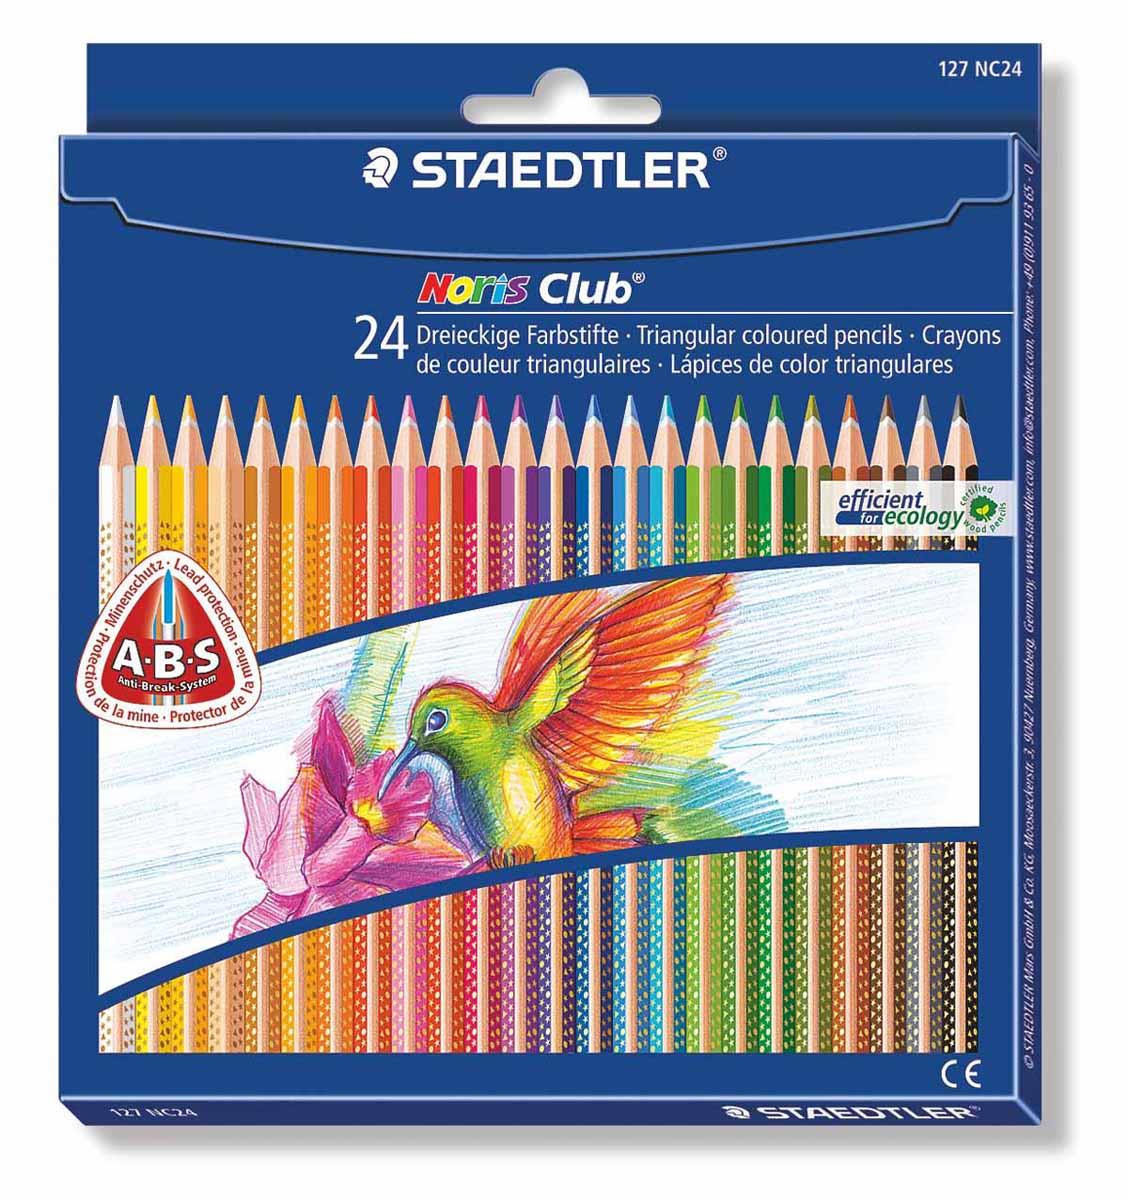 Staedtler Набор цветных карандашей Noris Club 24 цвета127NC24Цветные карандаши Staedtler Noris Club обладают трехгранной формой. Разработанные специально для детей, они имеют мягкий грифель и насыщенные цвета, а белое защитное покрытие грифеля (А·B·S) делает его более устойчивым к повреждению. С цветными карандашами Noris Club ваши дети будут создавать яркие и запоминающиеся рисунки.В наборе 24 карандаша.